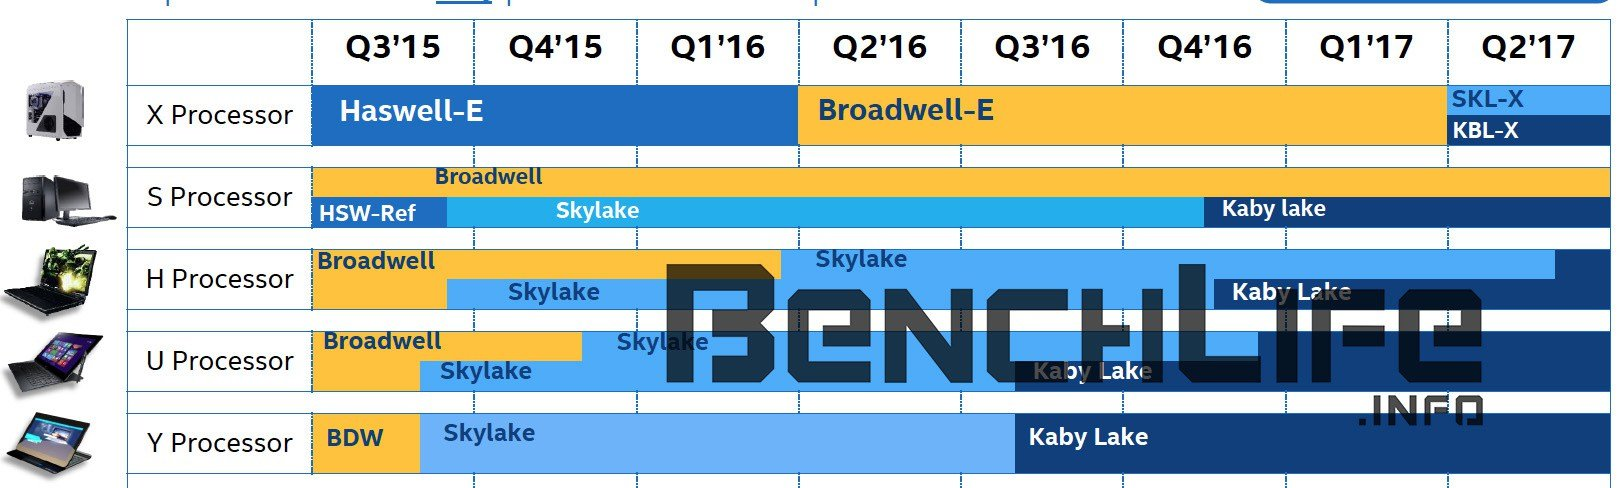 Skylake-X in Q2/2017